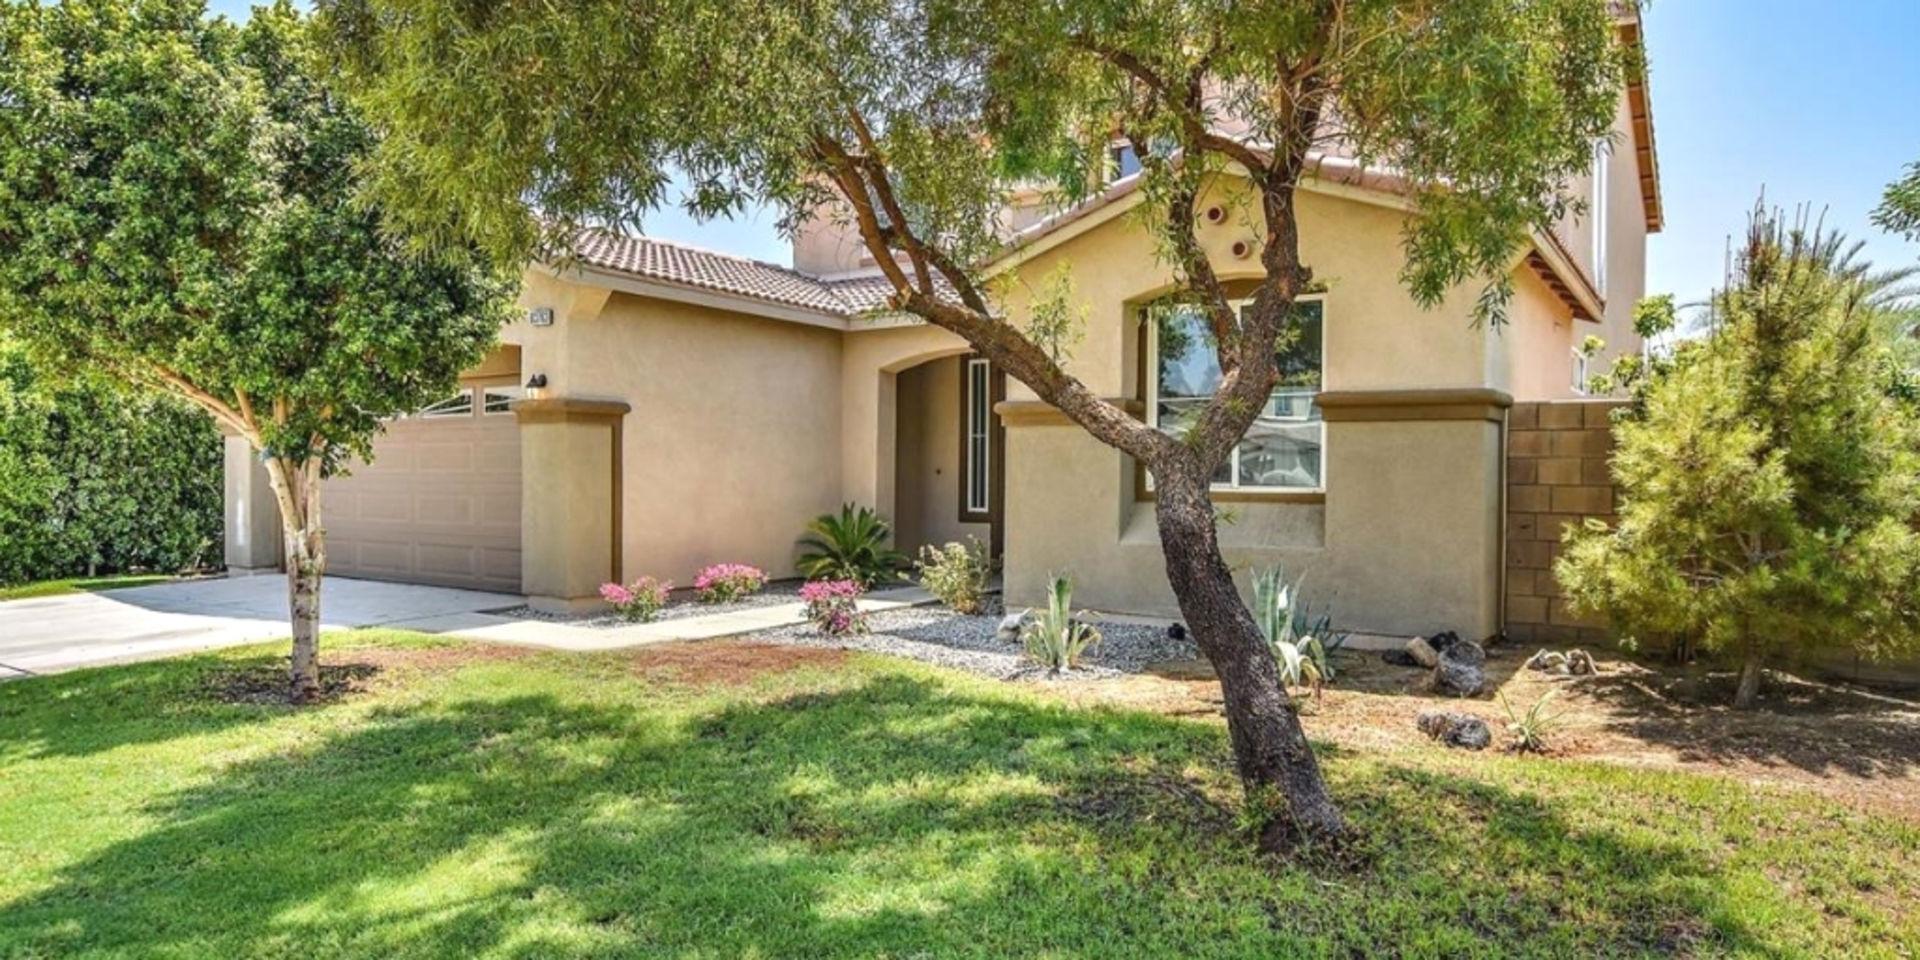 Coachella Homes For Sale